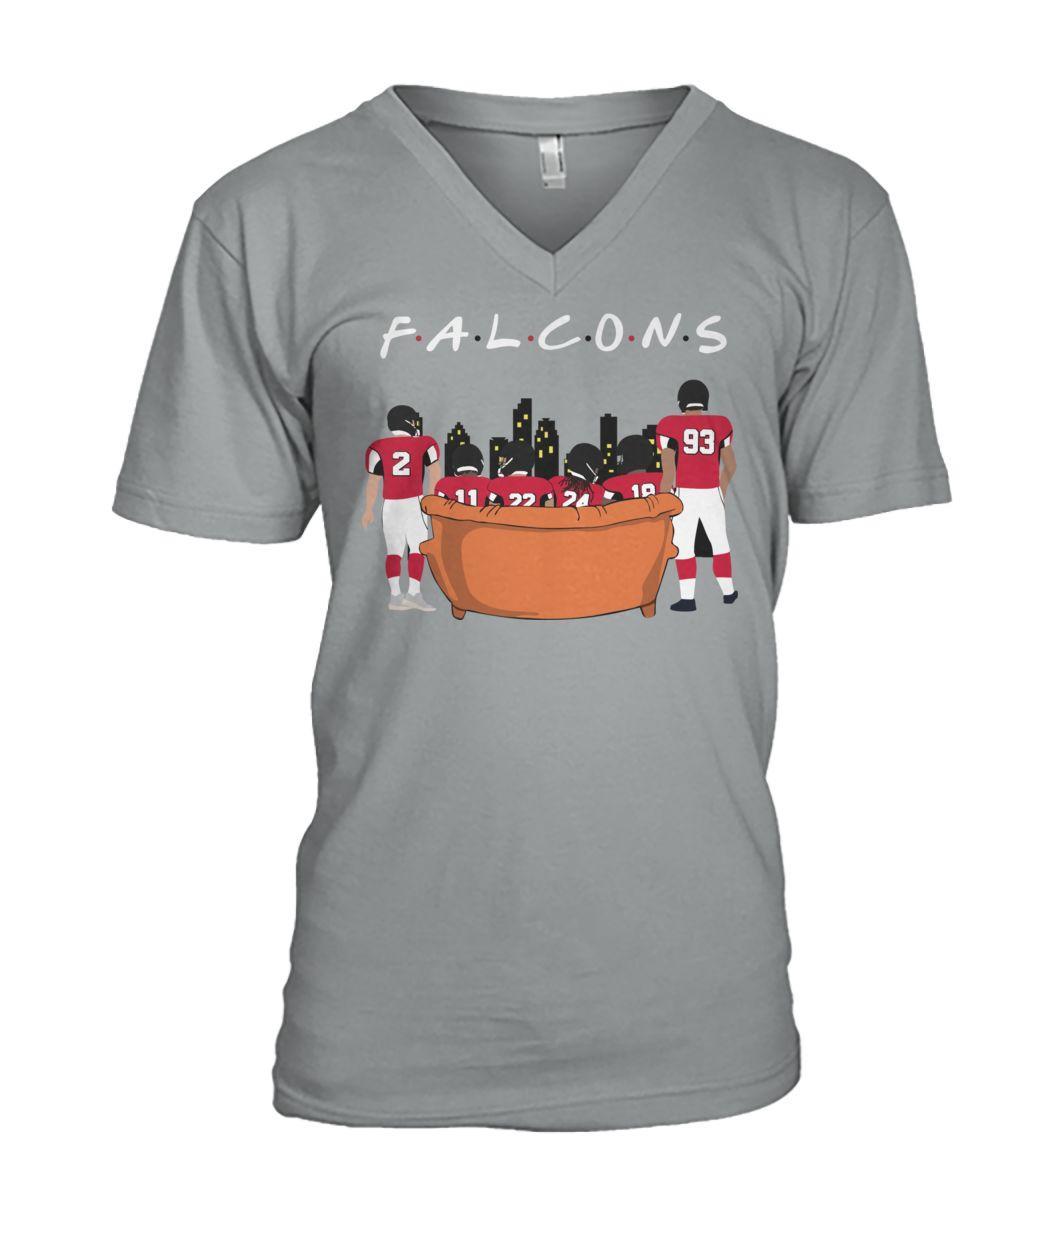 Official Atlanta Falcons Friends TV Show V-neck t-shirt